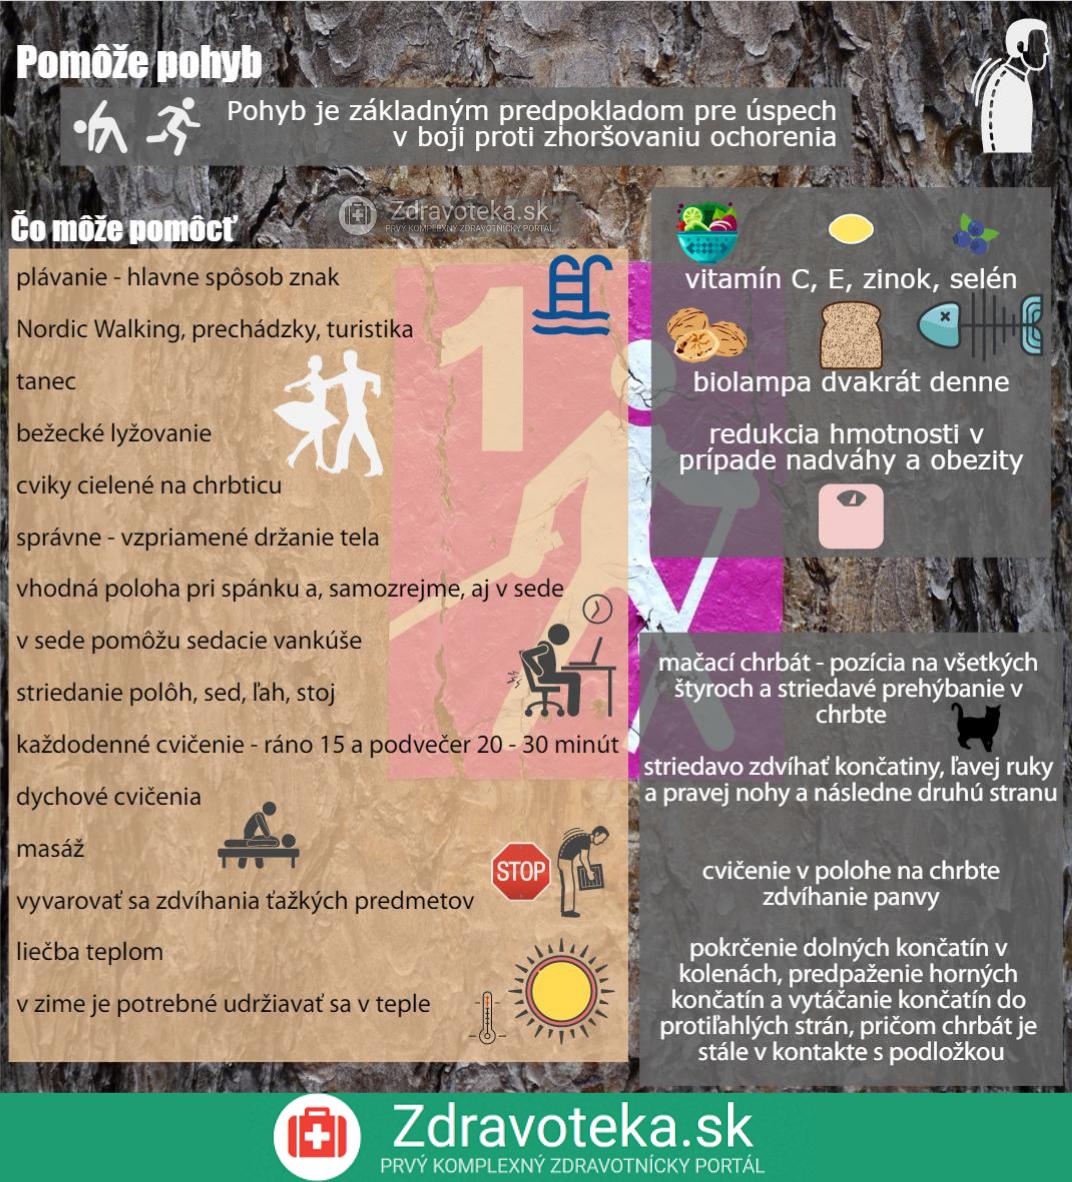 Infografika uvádza čo pomáha pri bechterevovej chorobe